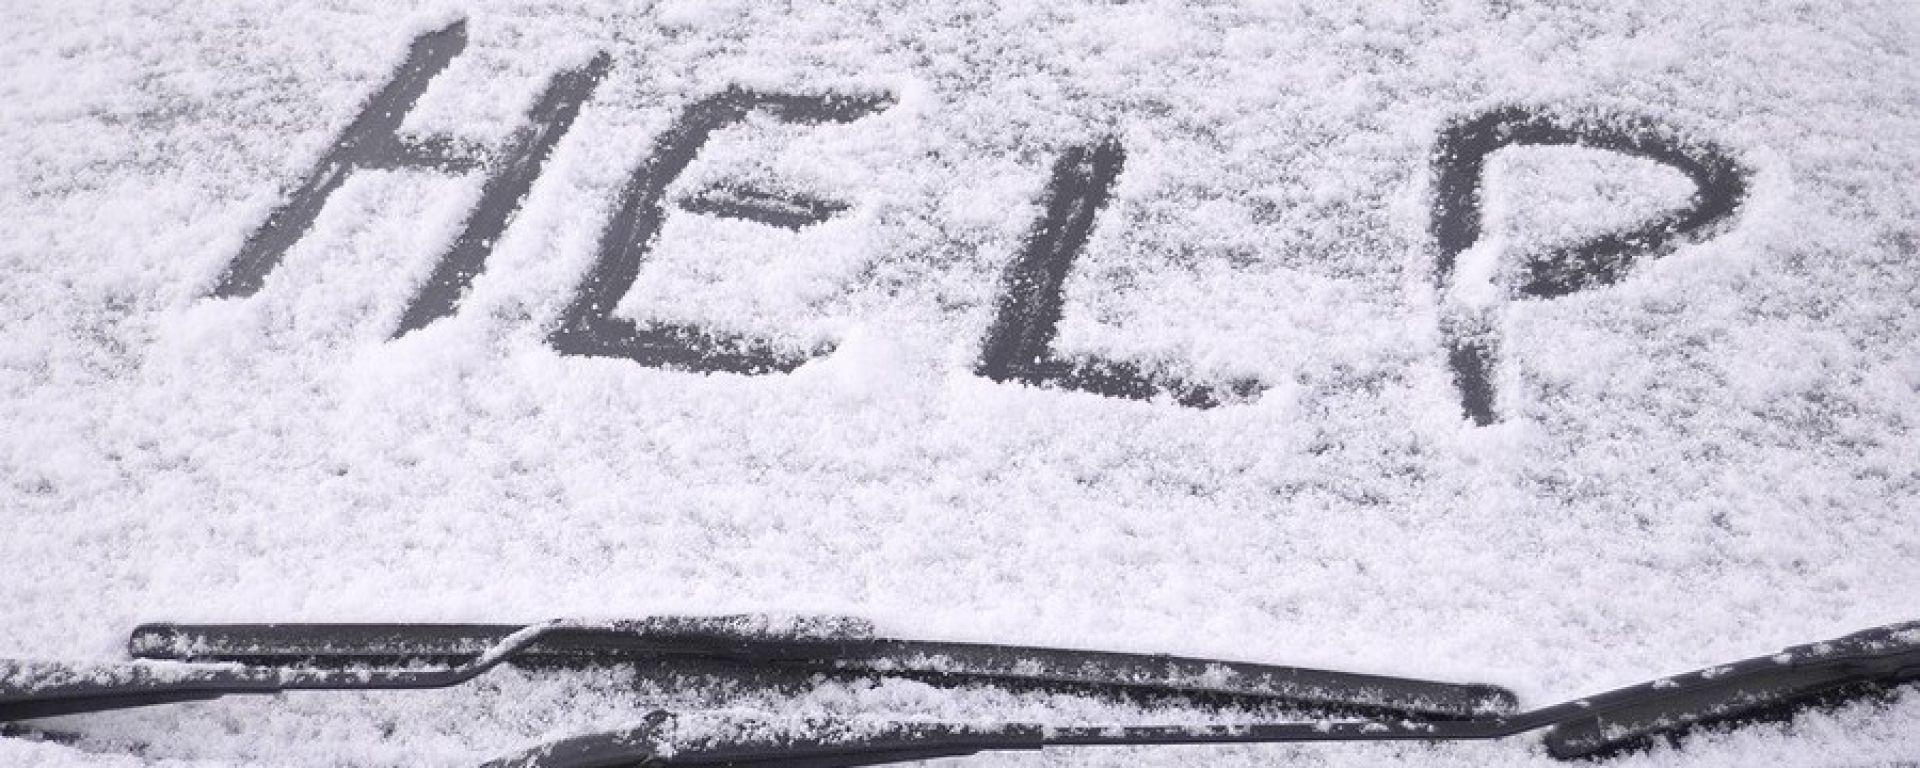 Neve e ghiaccio? Regola numero uno: niente panico